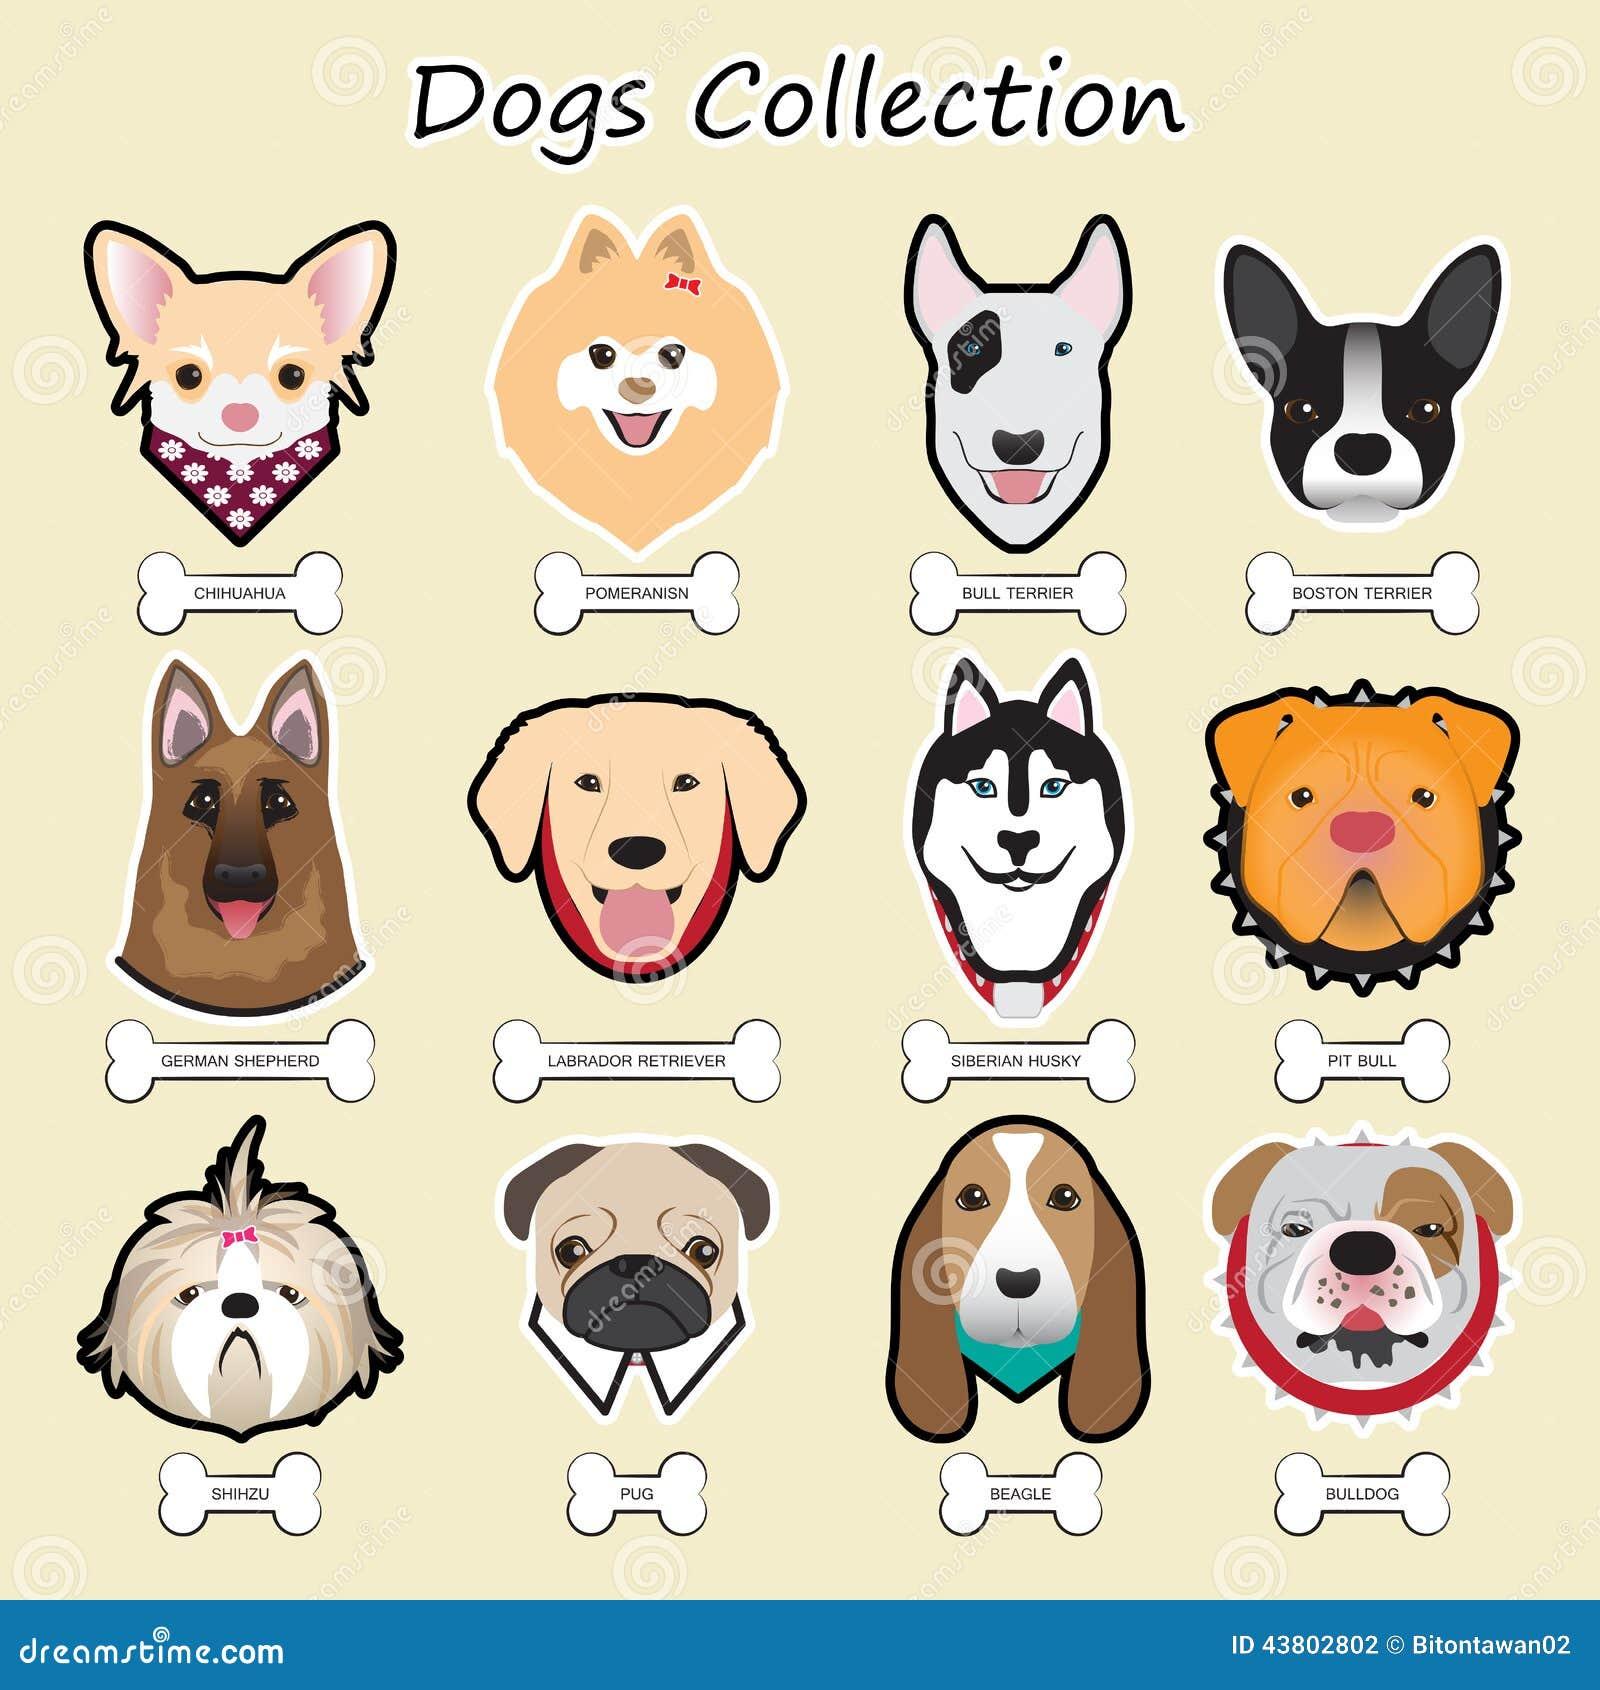 συλλογή σκυλιών, διάνυσμα